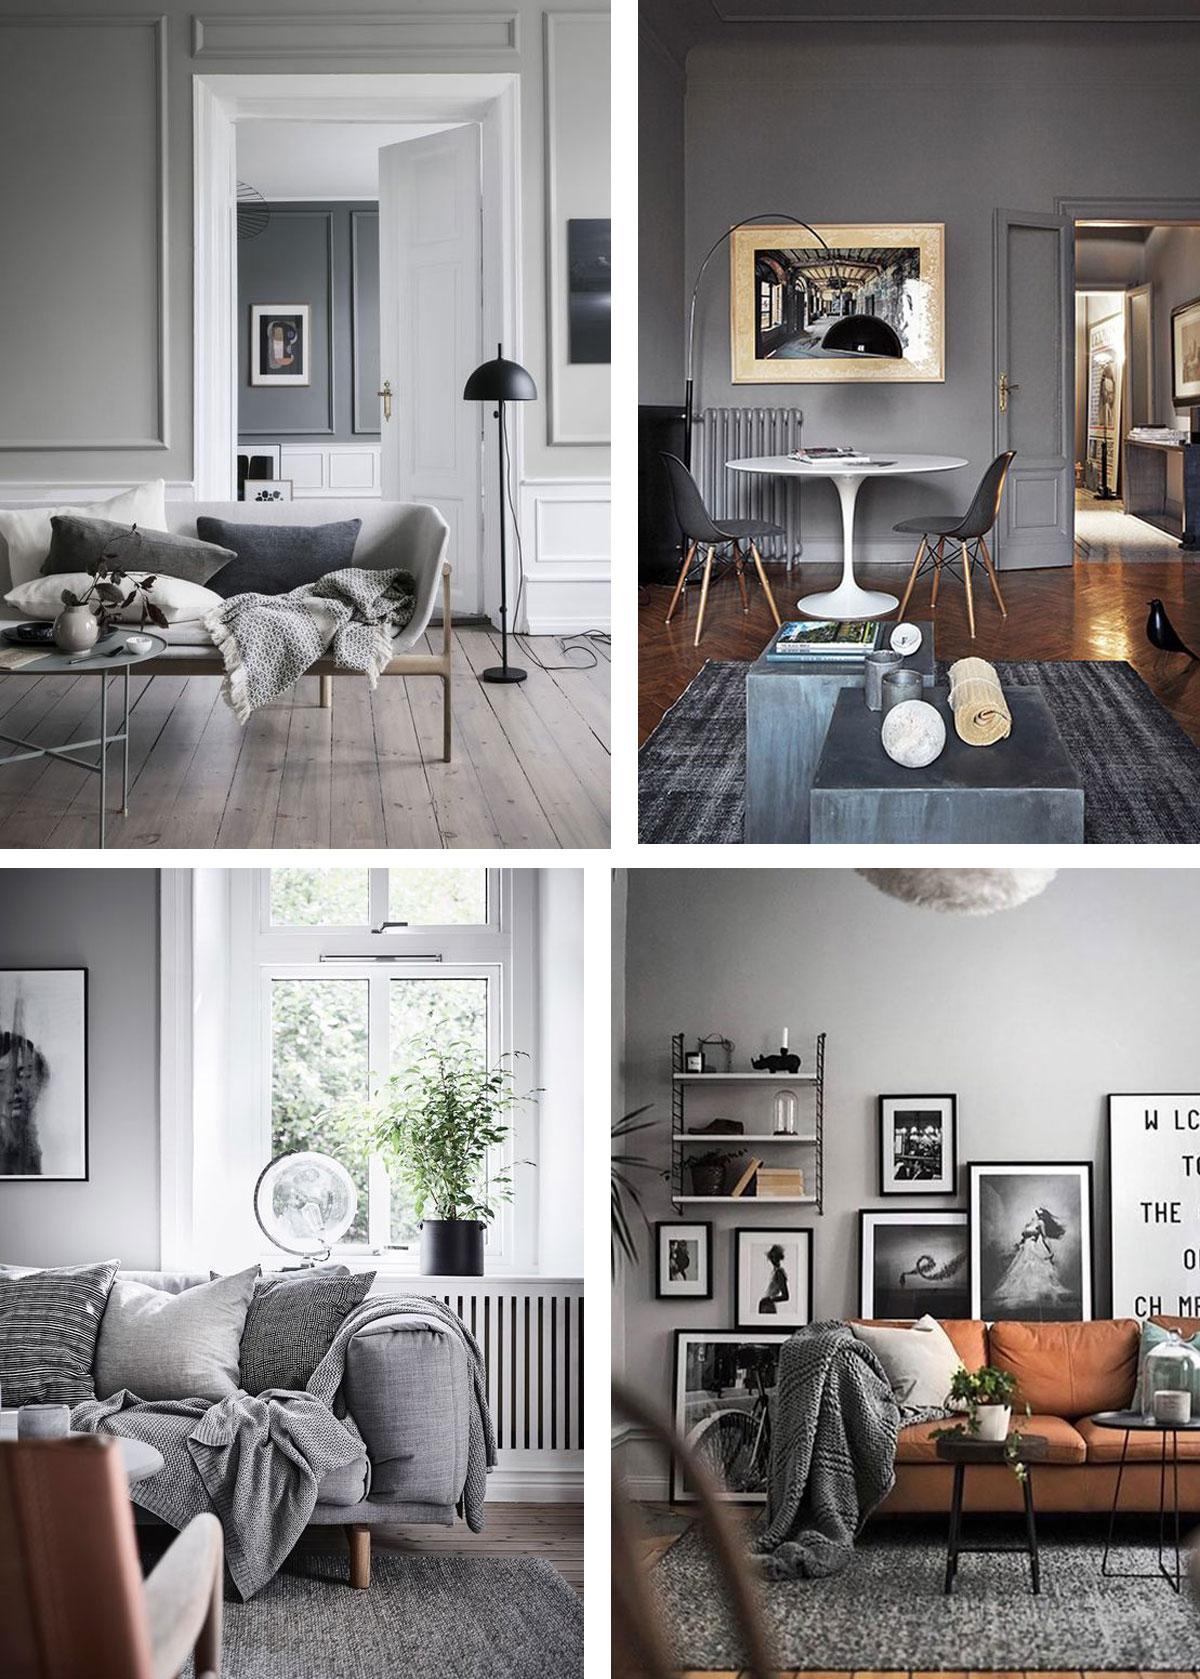 Ecco perchè il grigio è il colore perfetto per gli interni ...